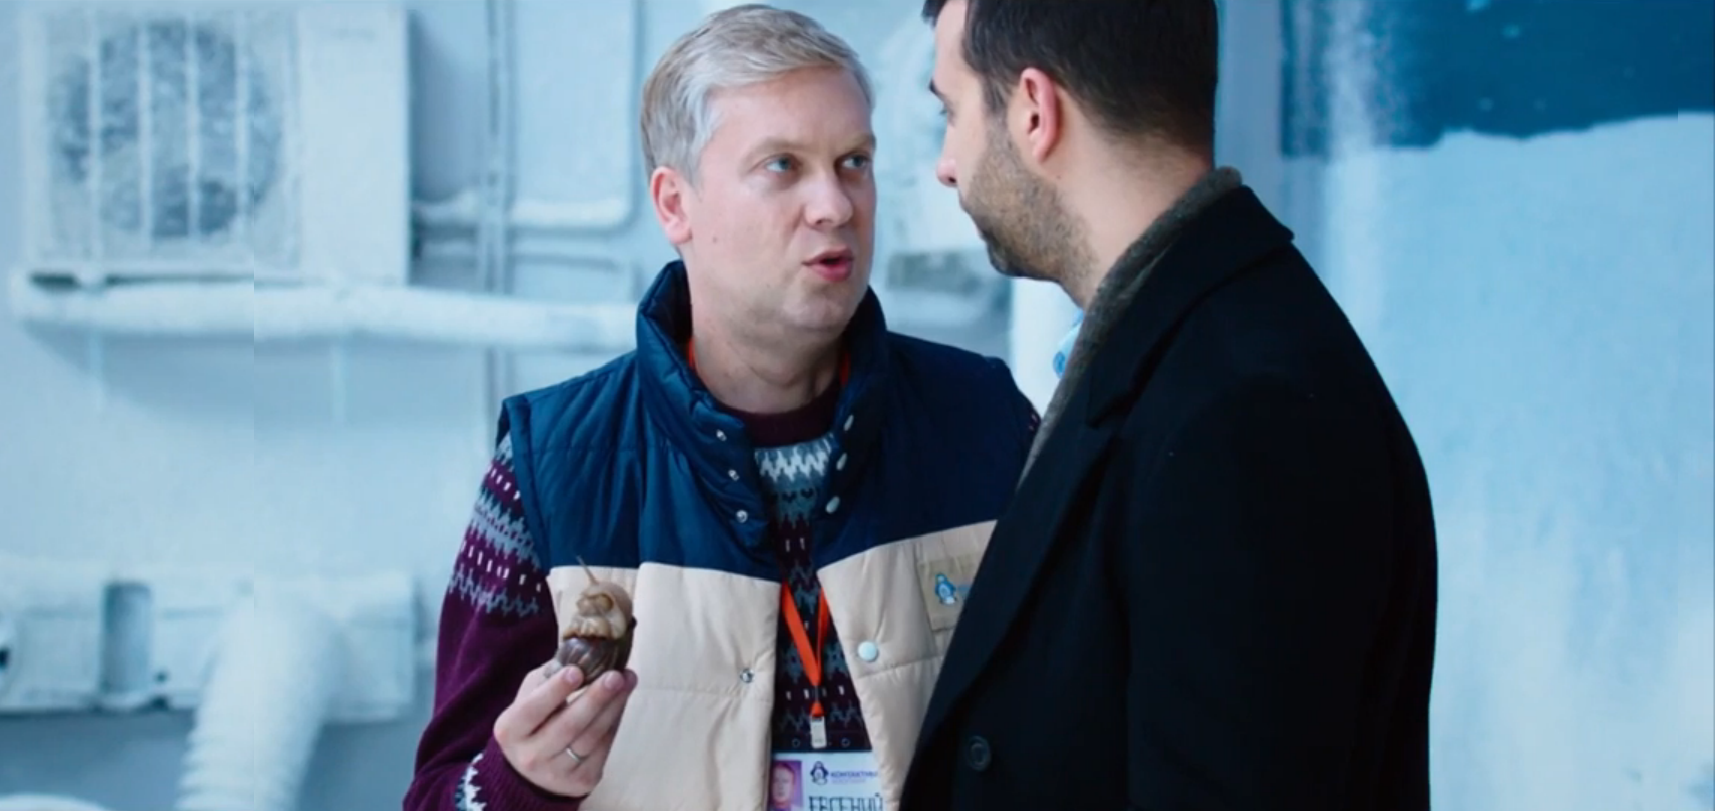 «Ёлки 5»: выпущен трейлер комедии с Ургантом и Светлаковым